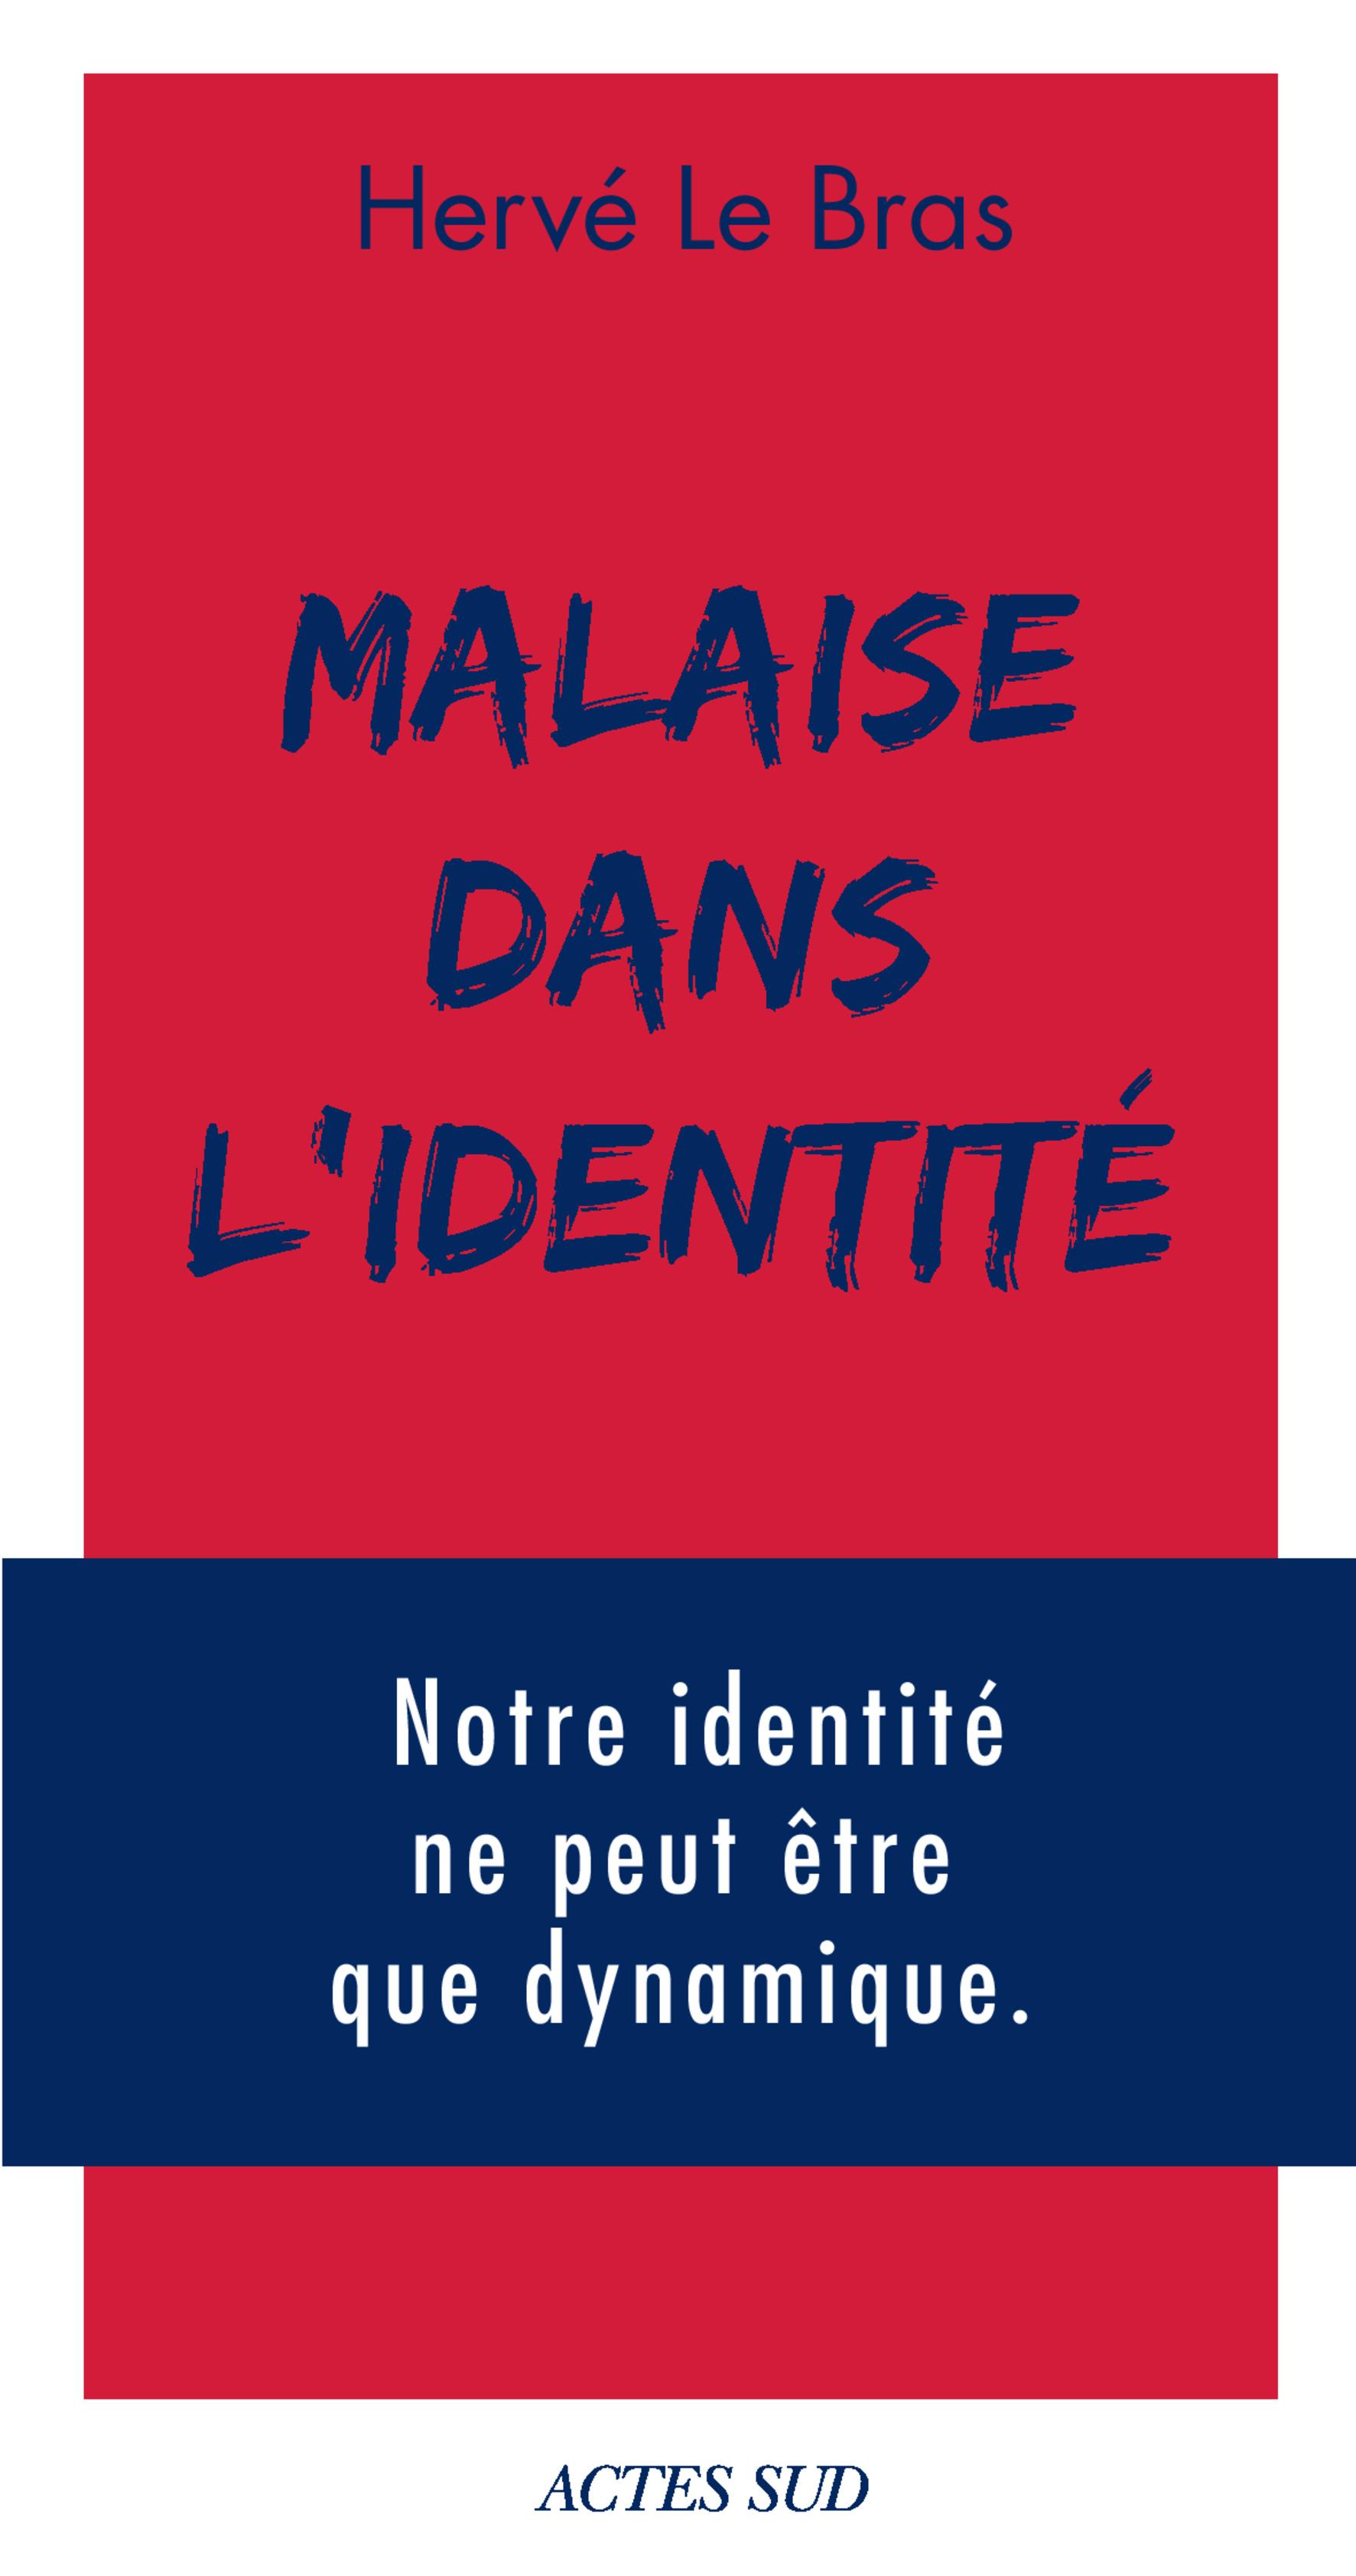 Malaise dans l'identité | Le bras, Hervé